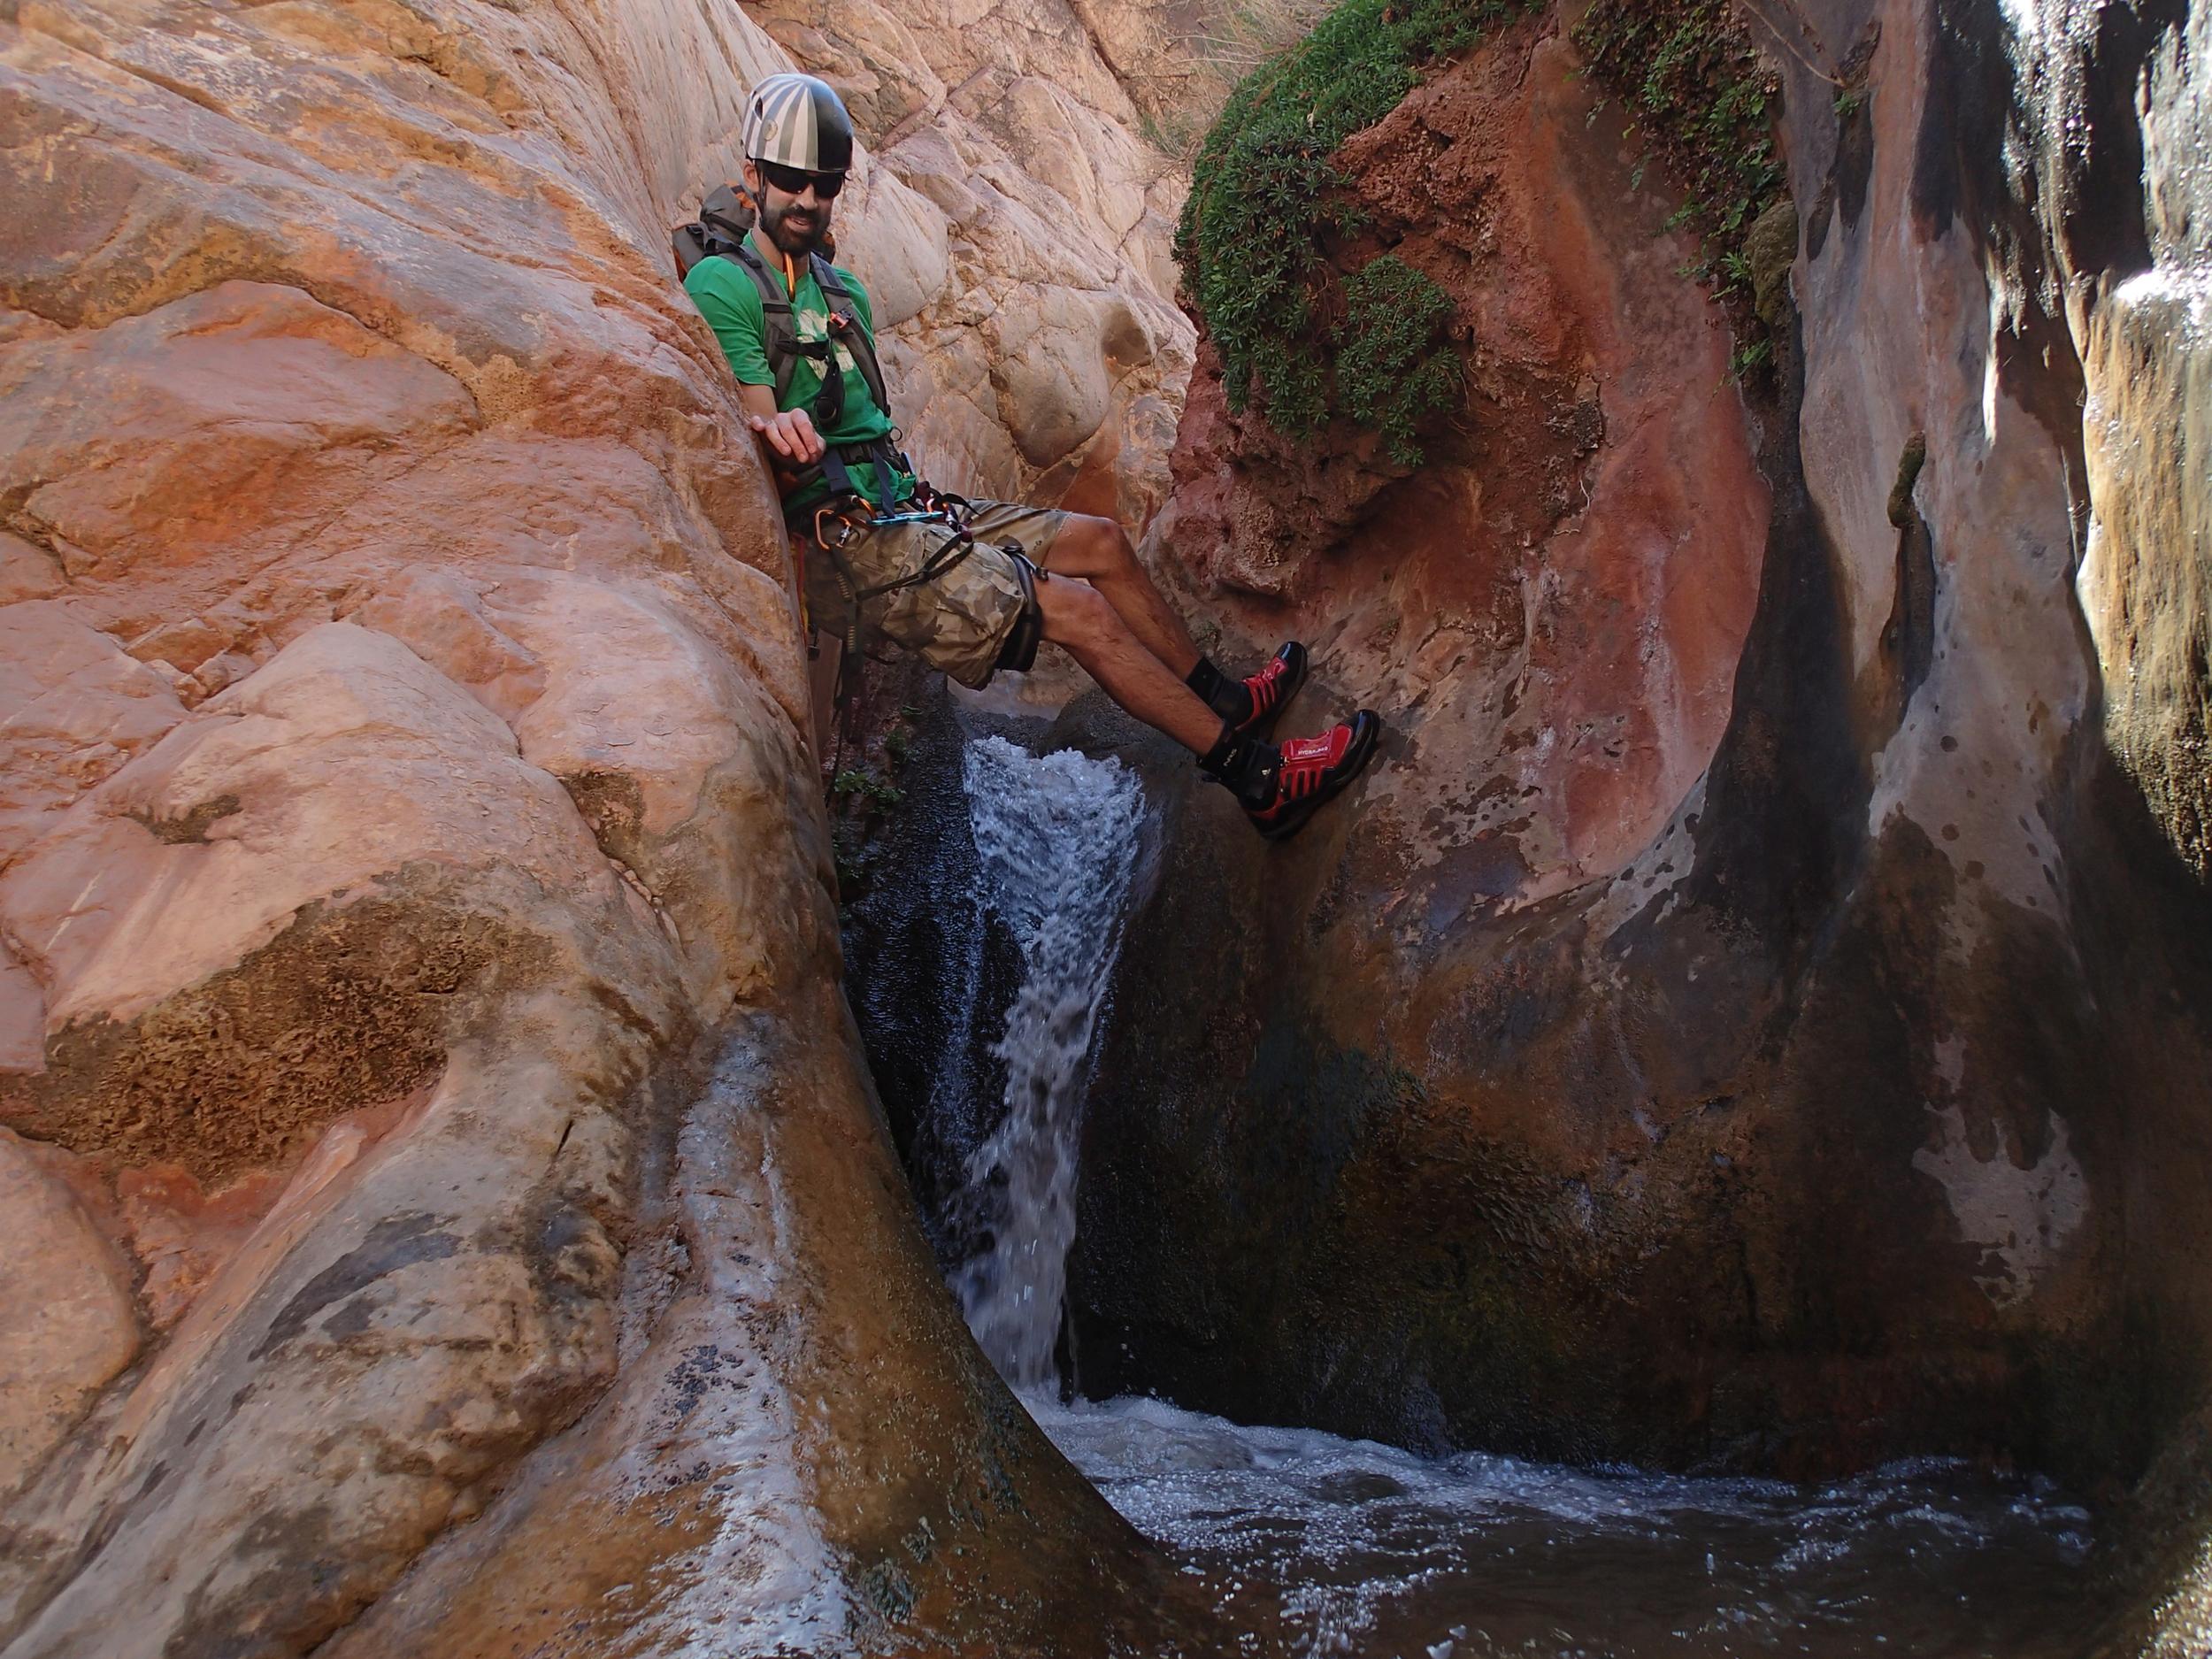 Garden Creek Canyon - Canyoneering, AZ